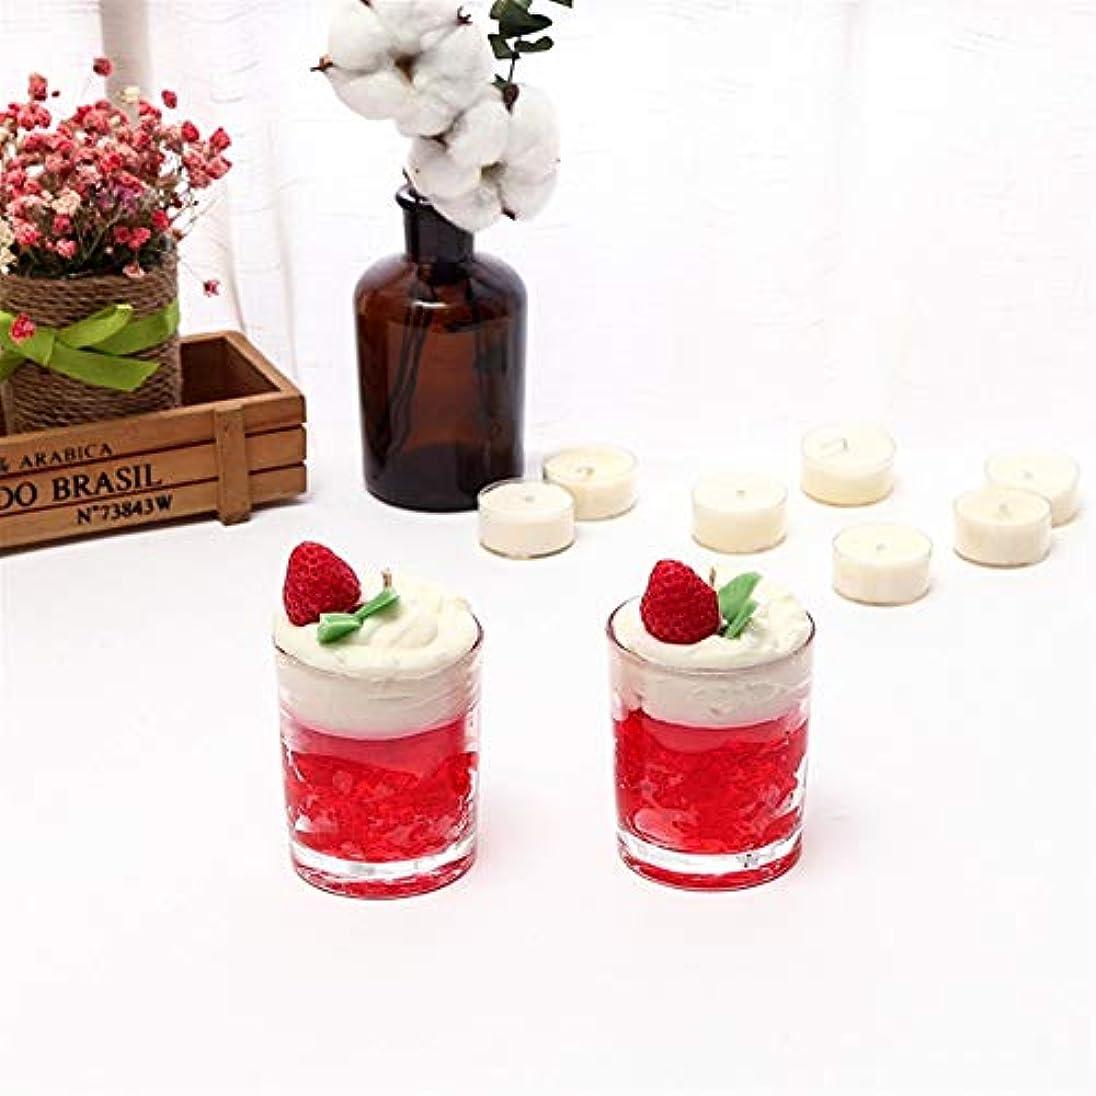 社会科解釈する骨髄Ztian アイスクリームキャンドルシンプルなガラス瓶アロマセラピーガラスカップ無毒な環境保護 (色 : Marriage)